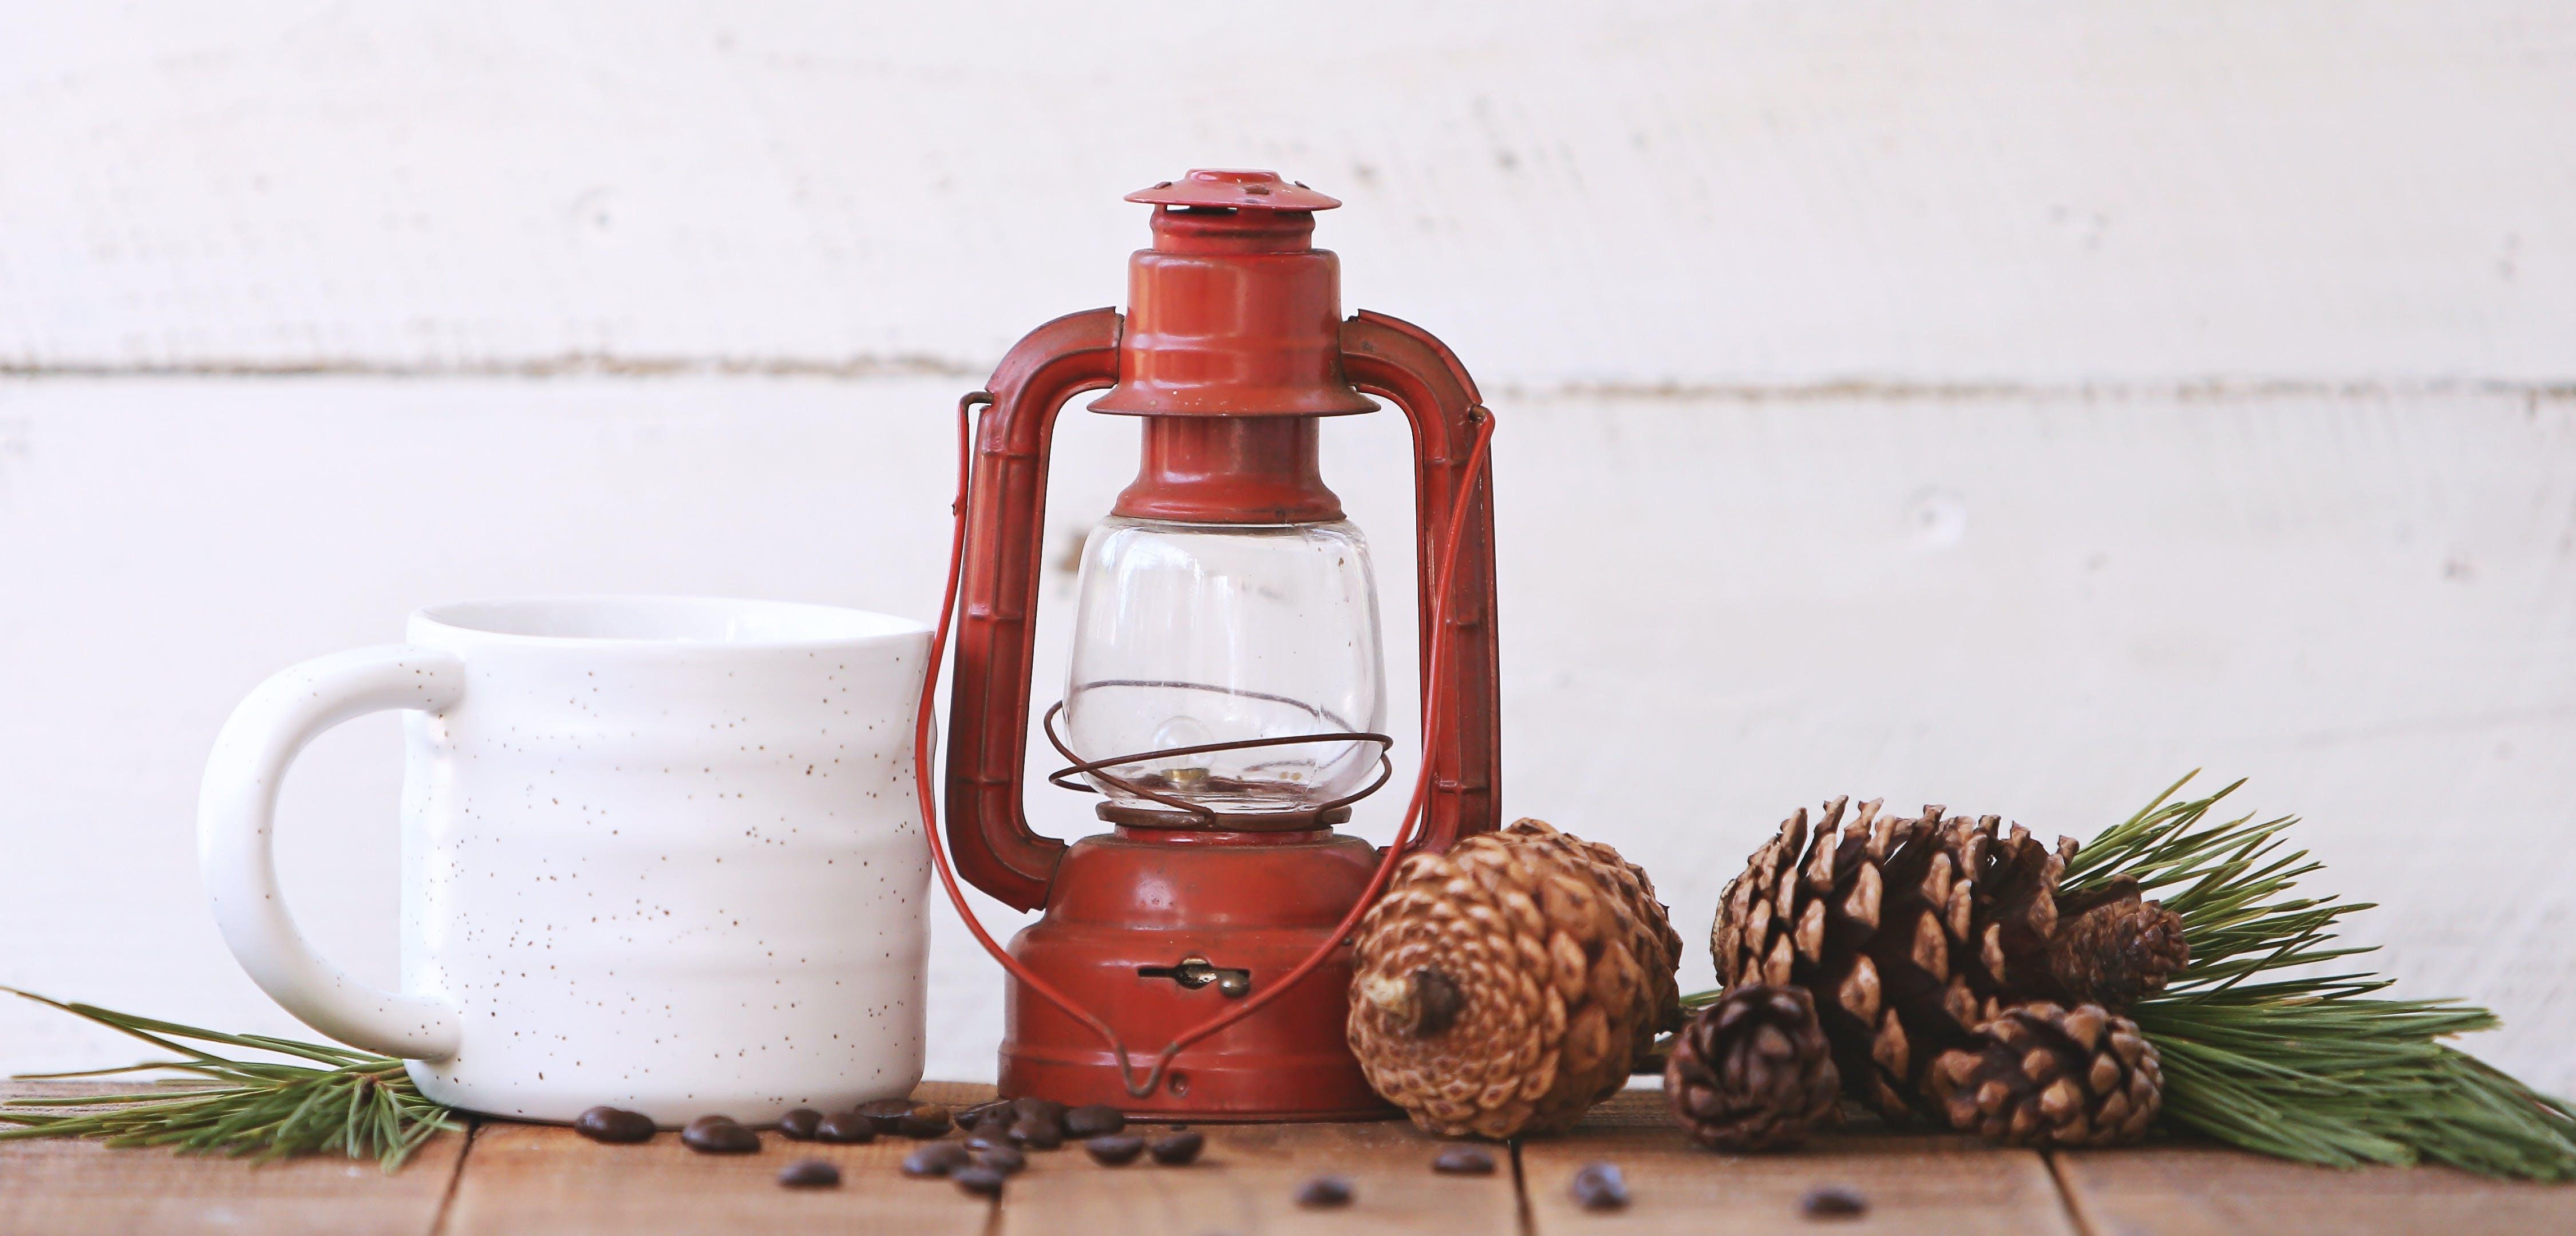 Gratis lagerfoto af årgang, close-up, hvid baggrund, kaffebønner